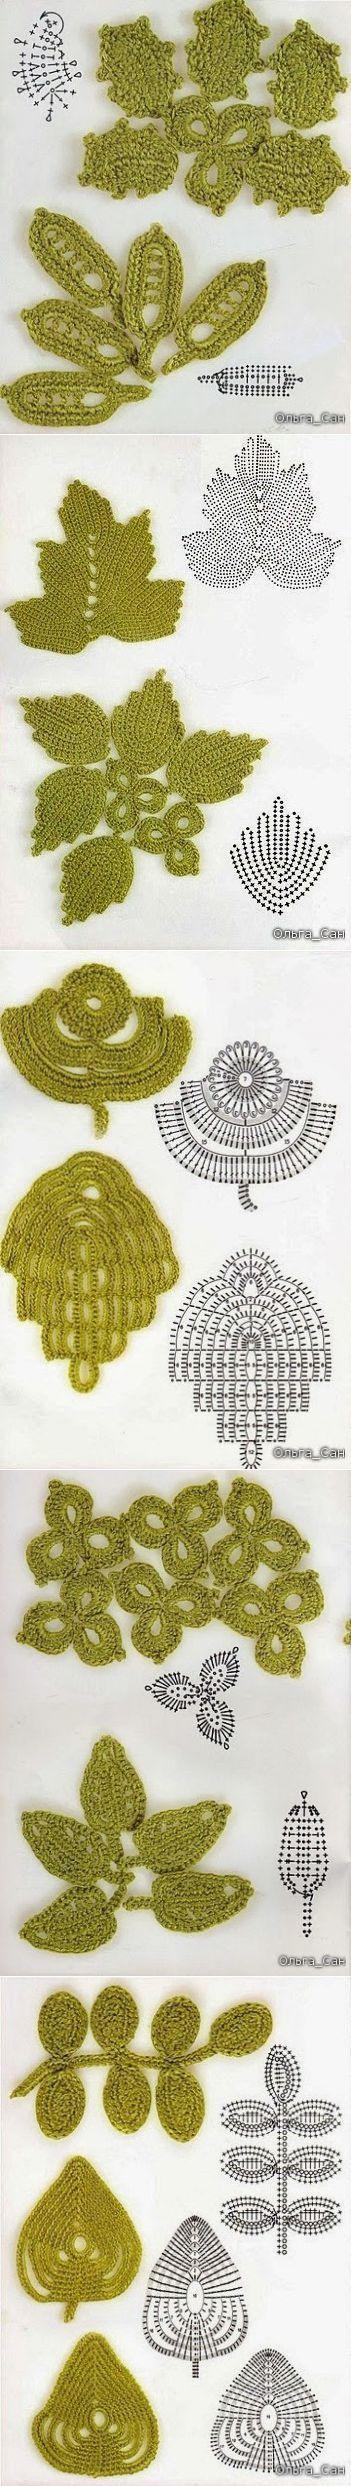 crochet103.blogspot.ru